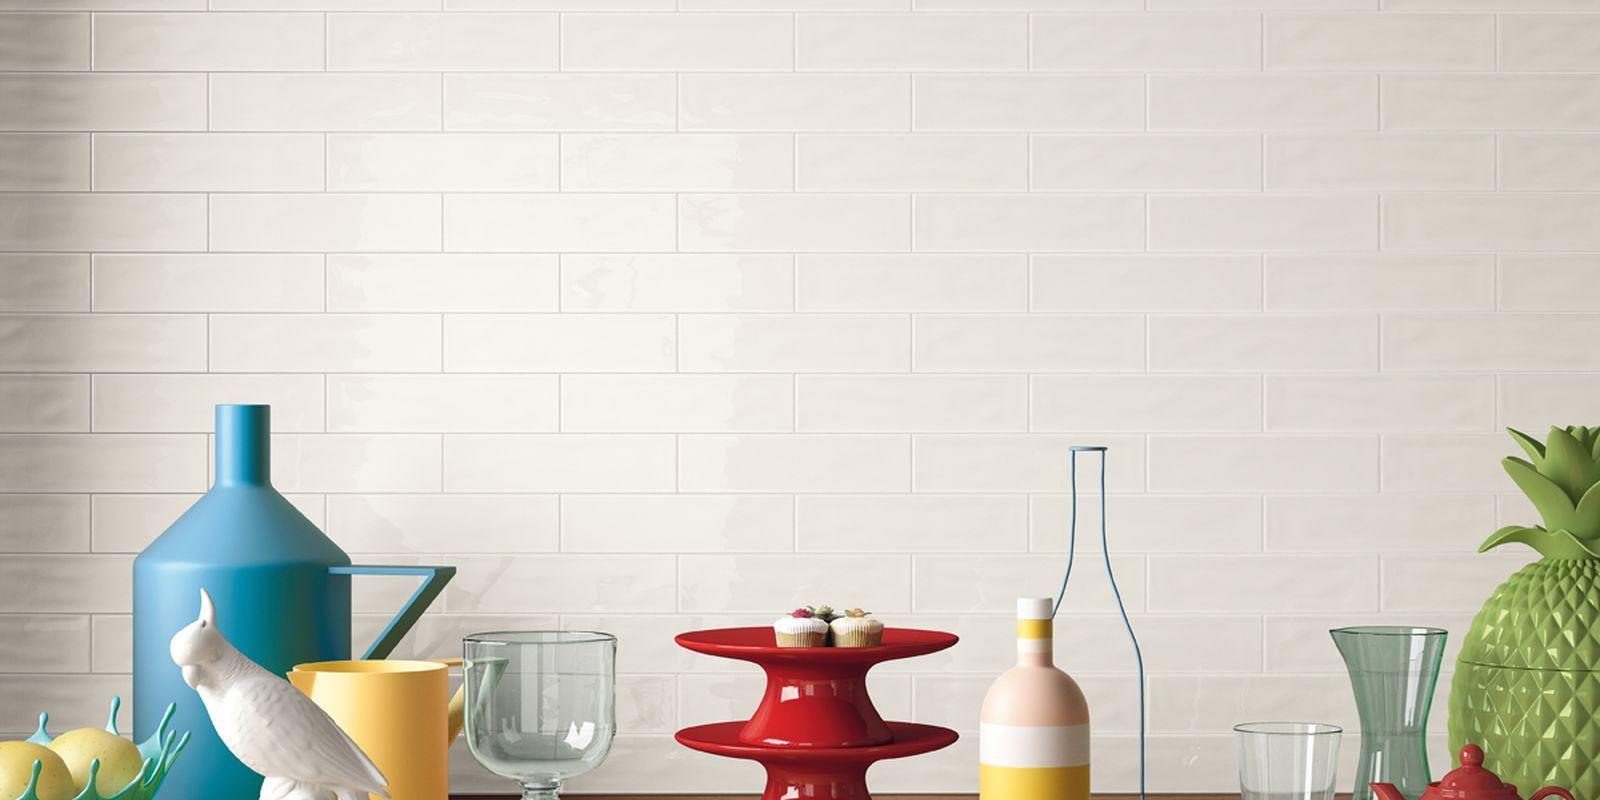 Pannelli Rivestimento Cucina Ikea piastrelle slash, cucina moderno ceramica bicottura da